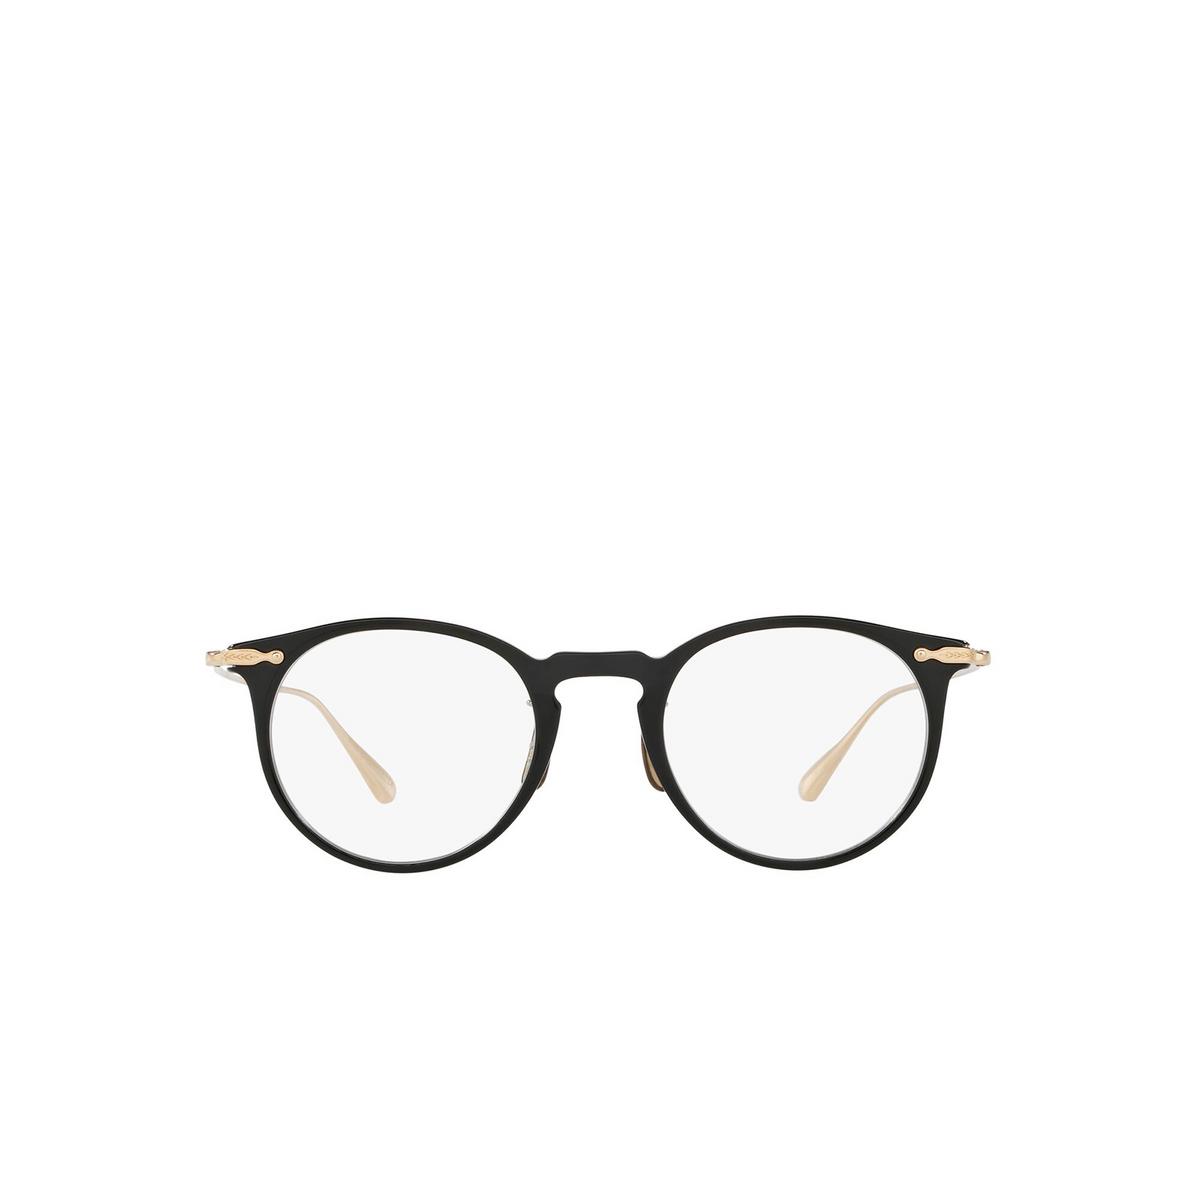 Oliver Peoples® Round Eyeglasses: Marret OV5343D color Black 1005 - front view.